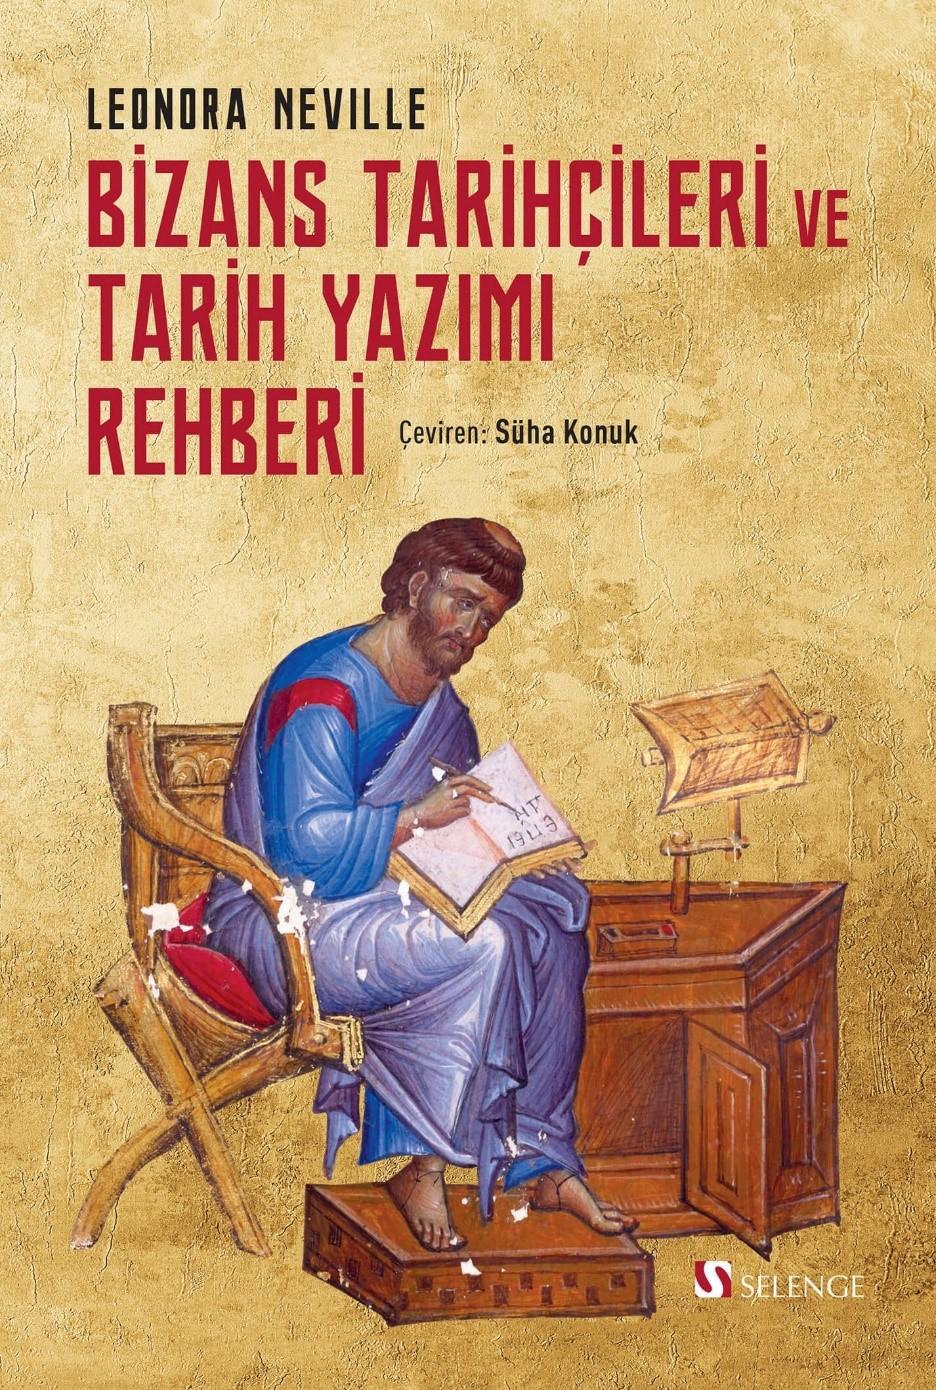 Bizans Tarihçileri ve Tarih Yazımı Rehberi